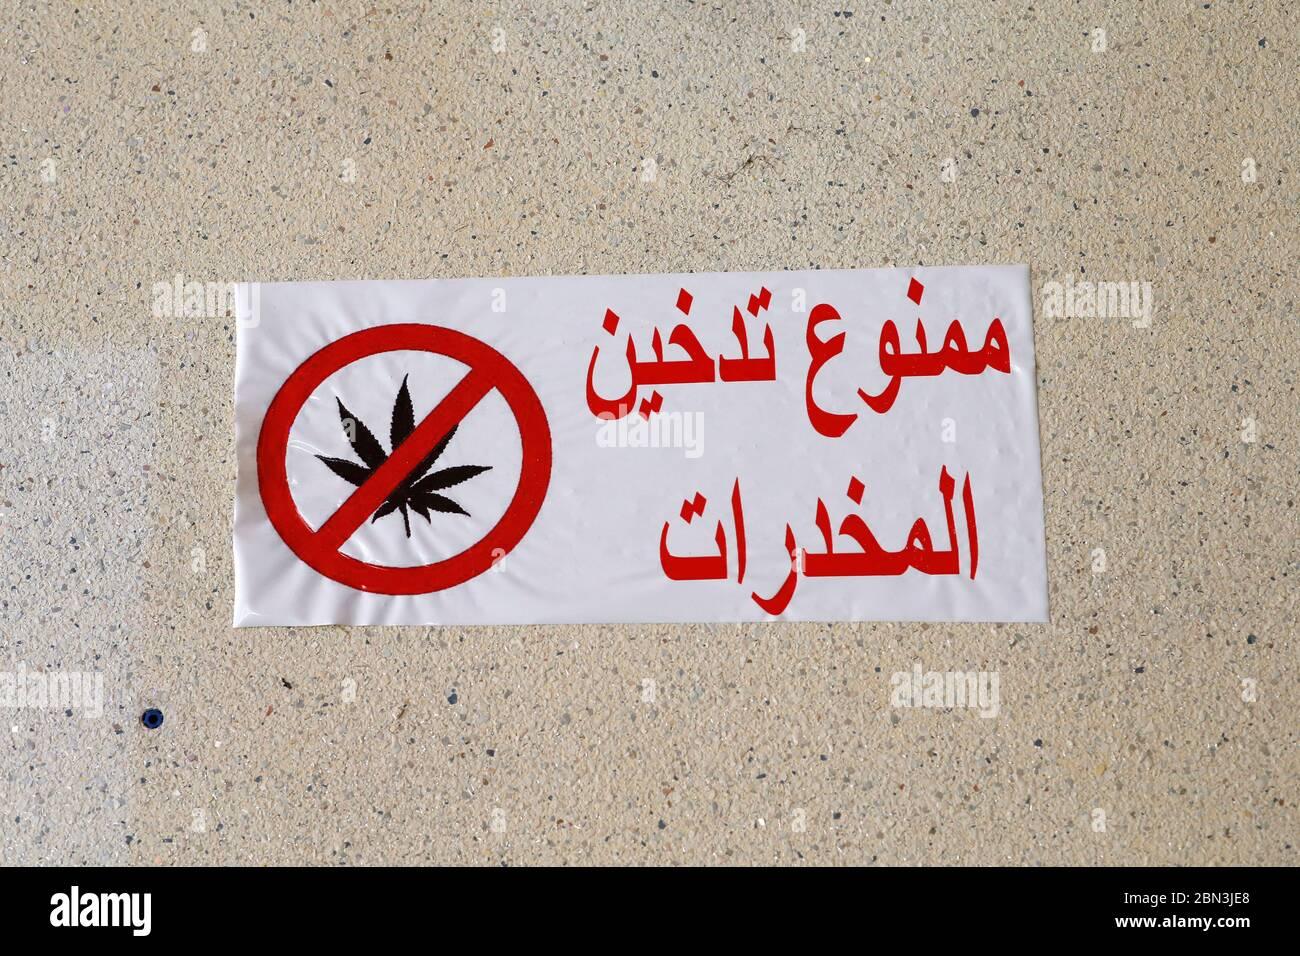 ممنوع التدخين المخدرات